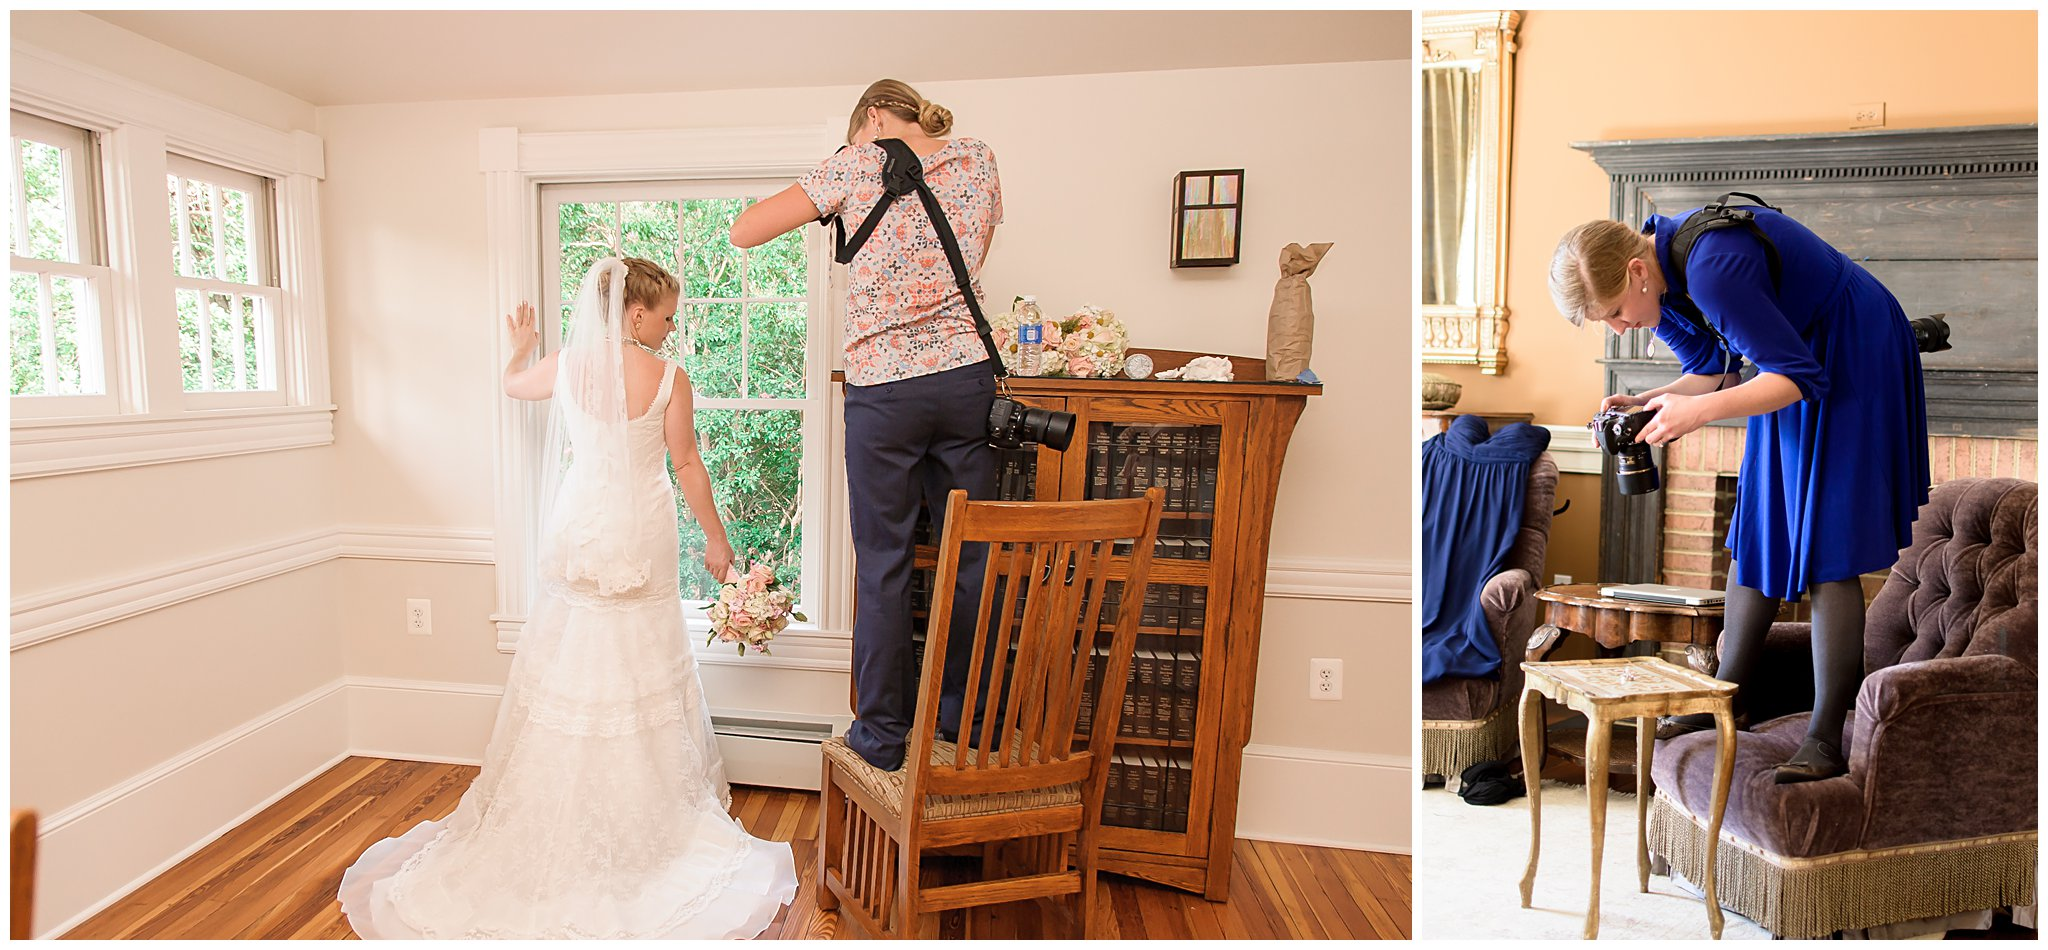 Stephanie Kopf photography Behind the scenes weddings